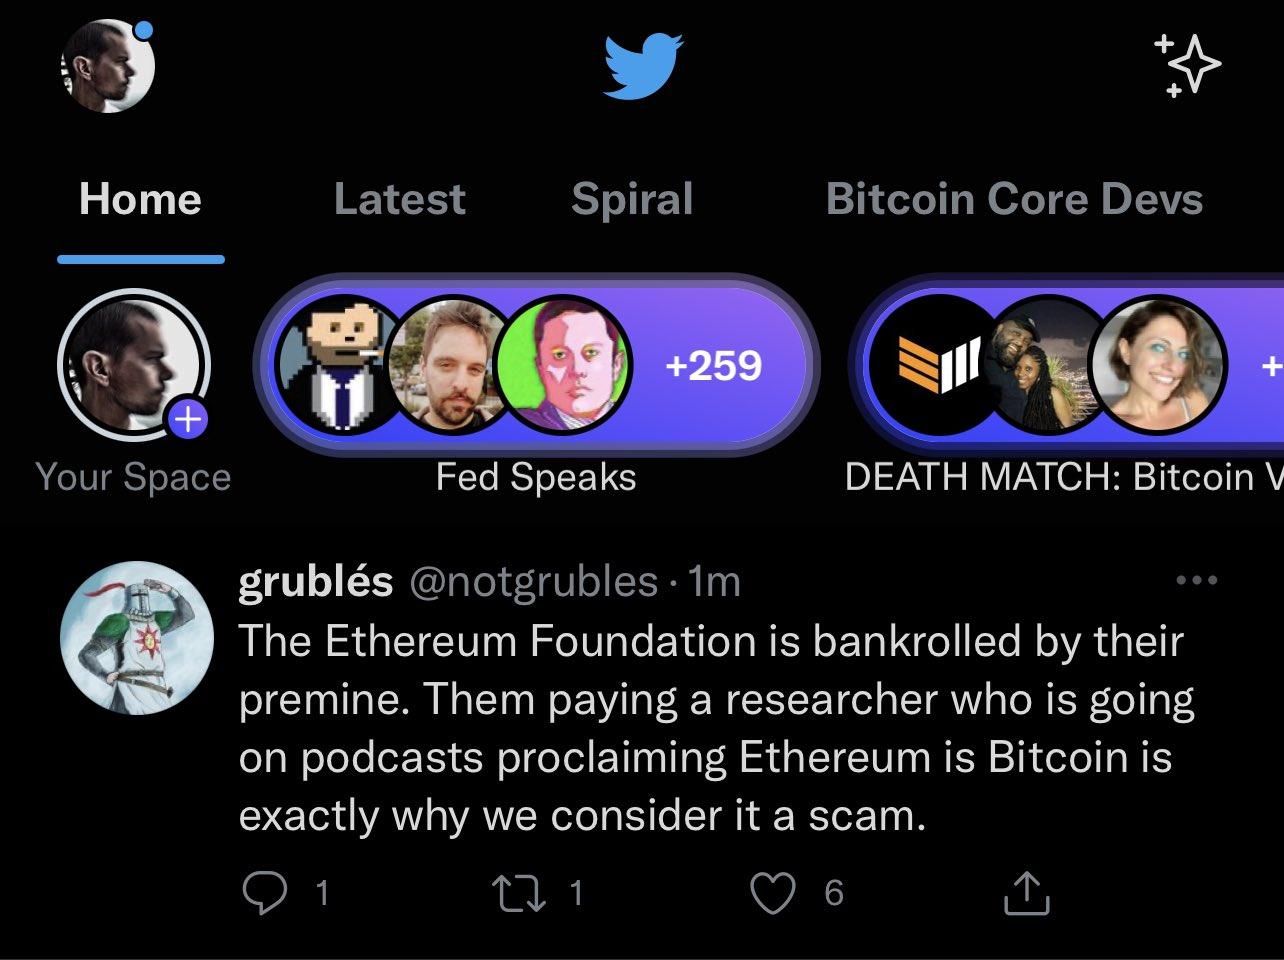 Jack compartilhou um print de sua tela onde tem uma mensagem que ataca o Ethereum